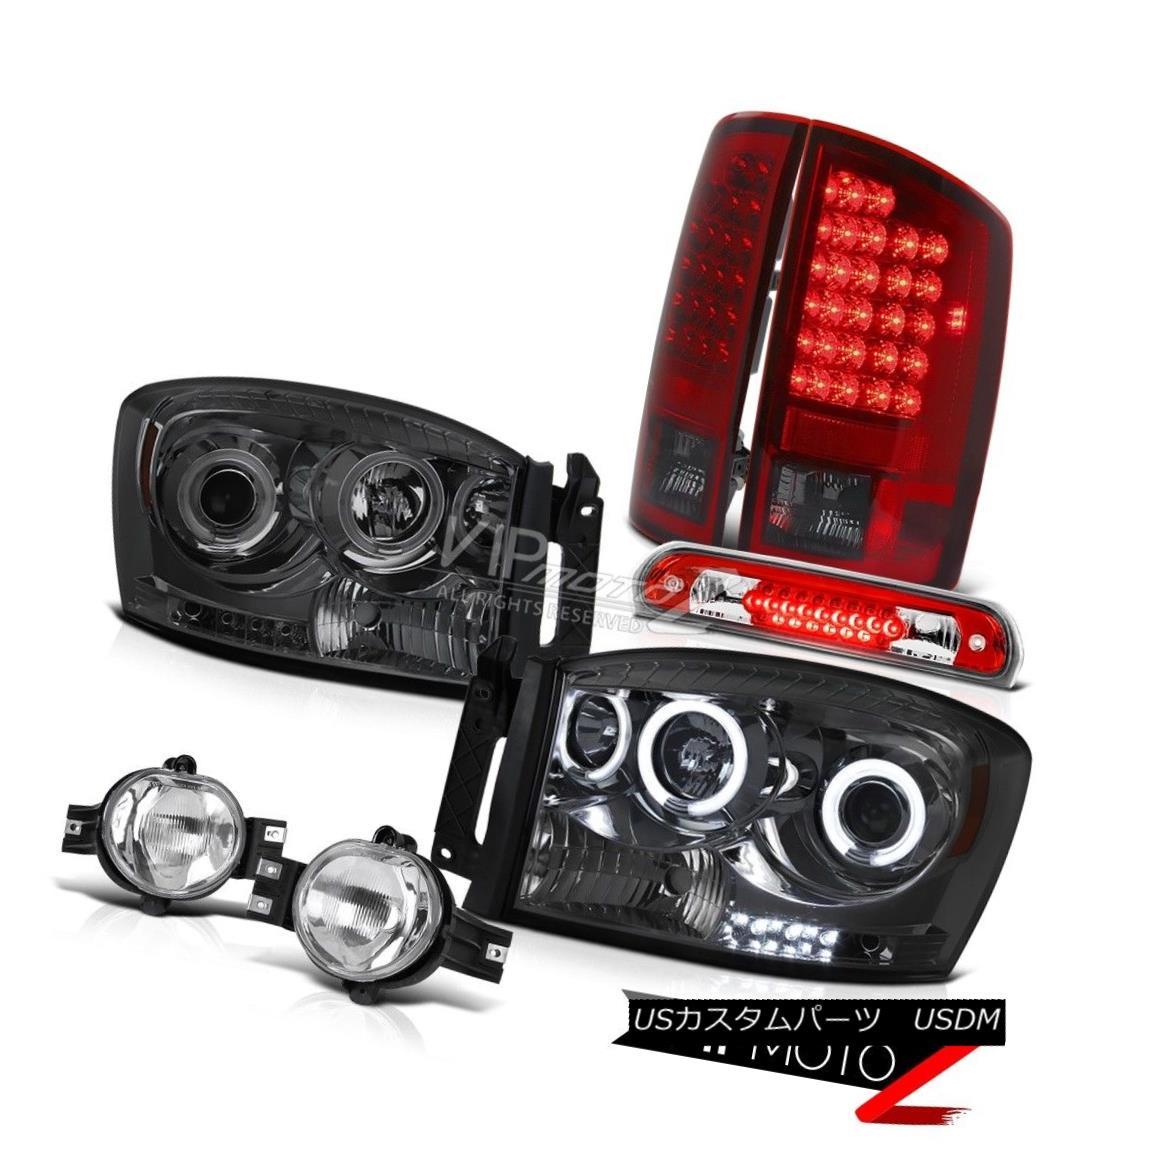 ヘッドライト 2006 Ram CCFL Angel Eye Headlamp SMD Rear Tail Lamps Foglights 3rd Brake Red LED 2006 Ram CCFLエンジェルアイヘッドランプとリアテールランプフォグライト第3ブレーキ赤色LED